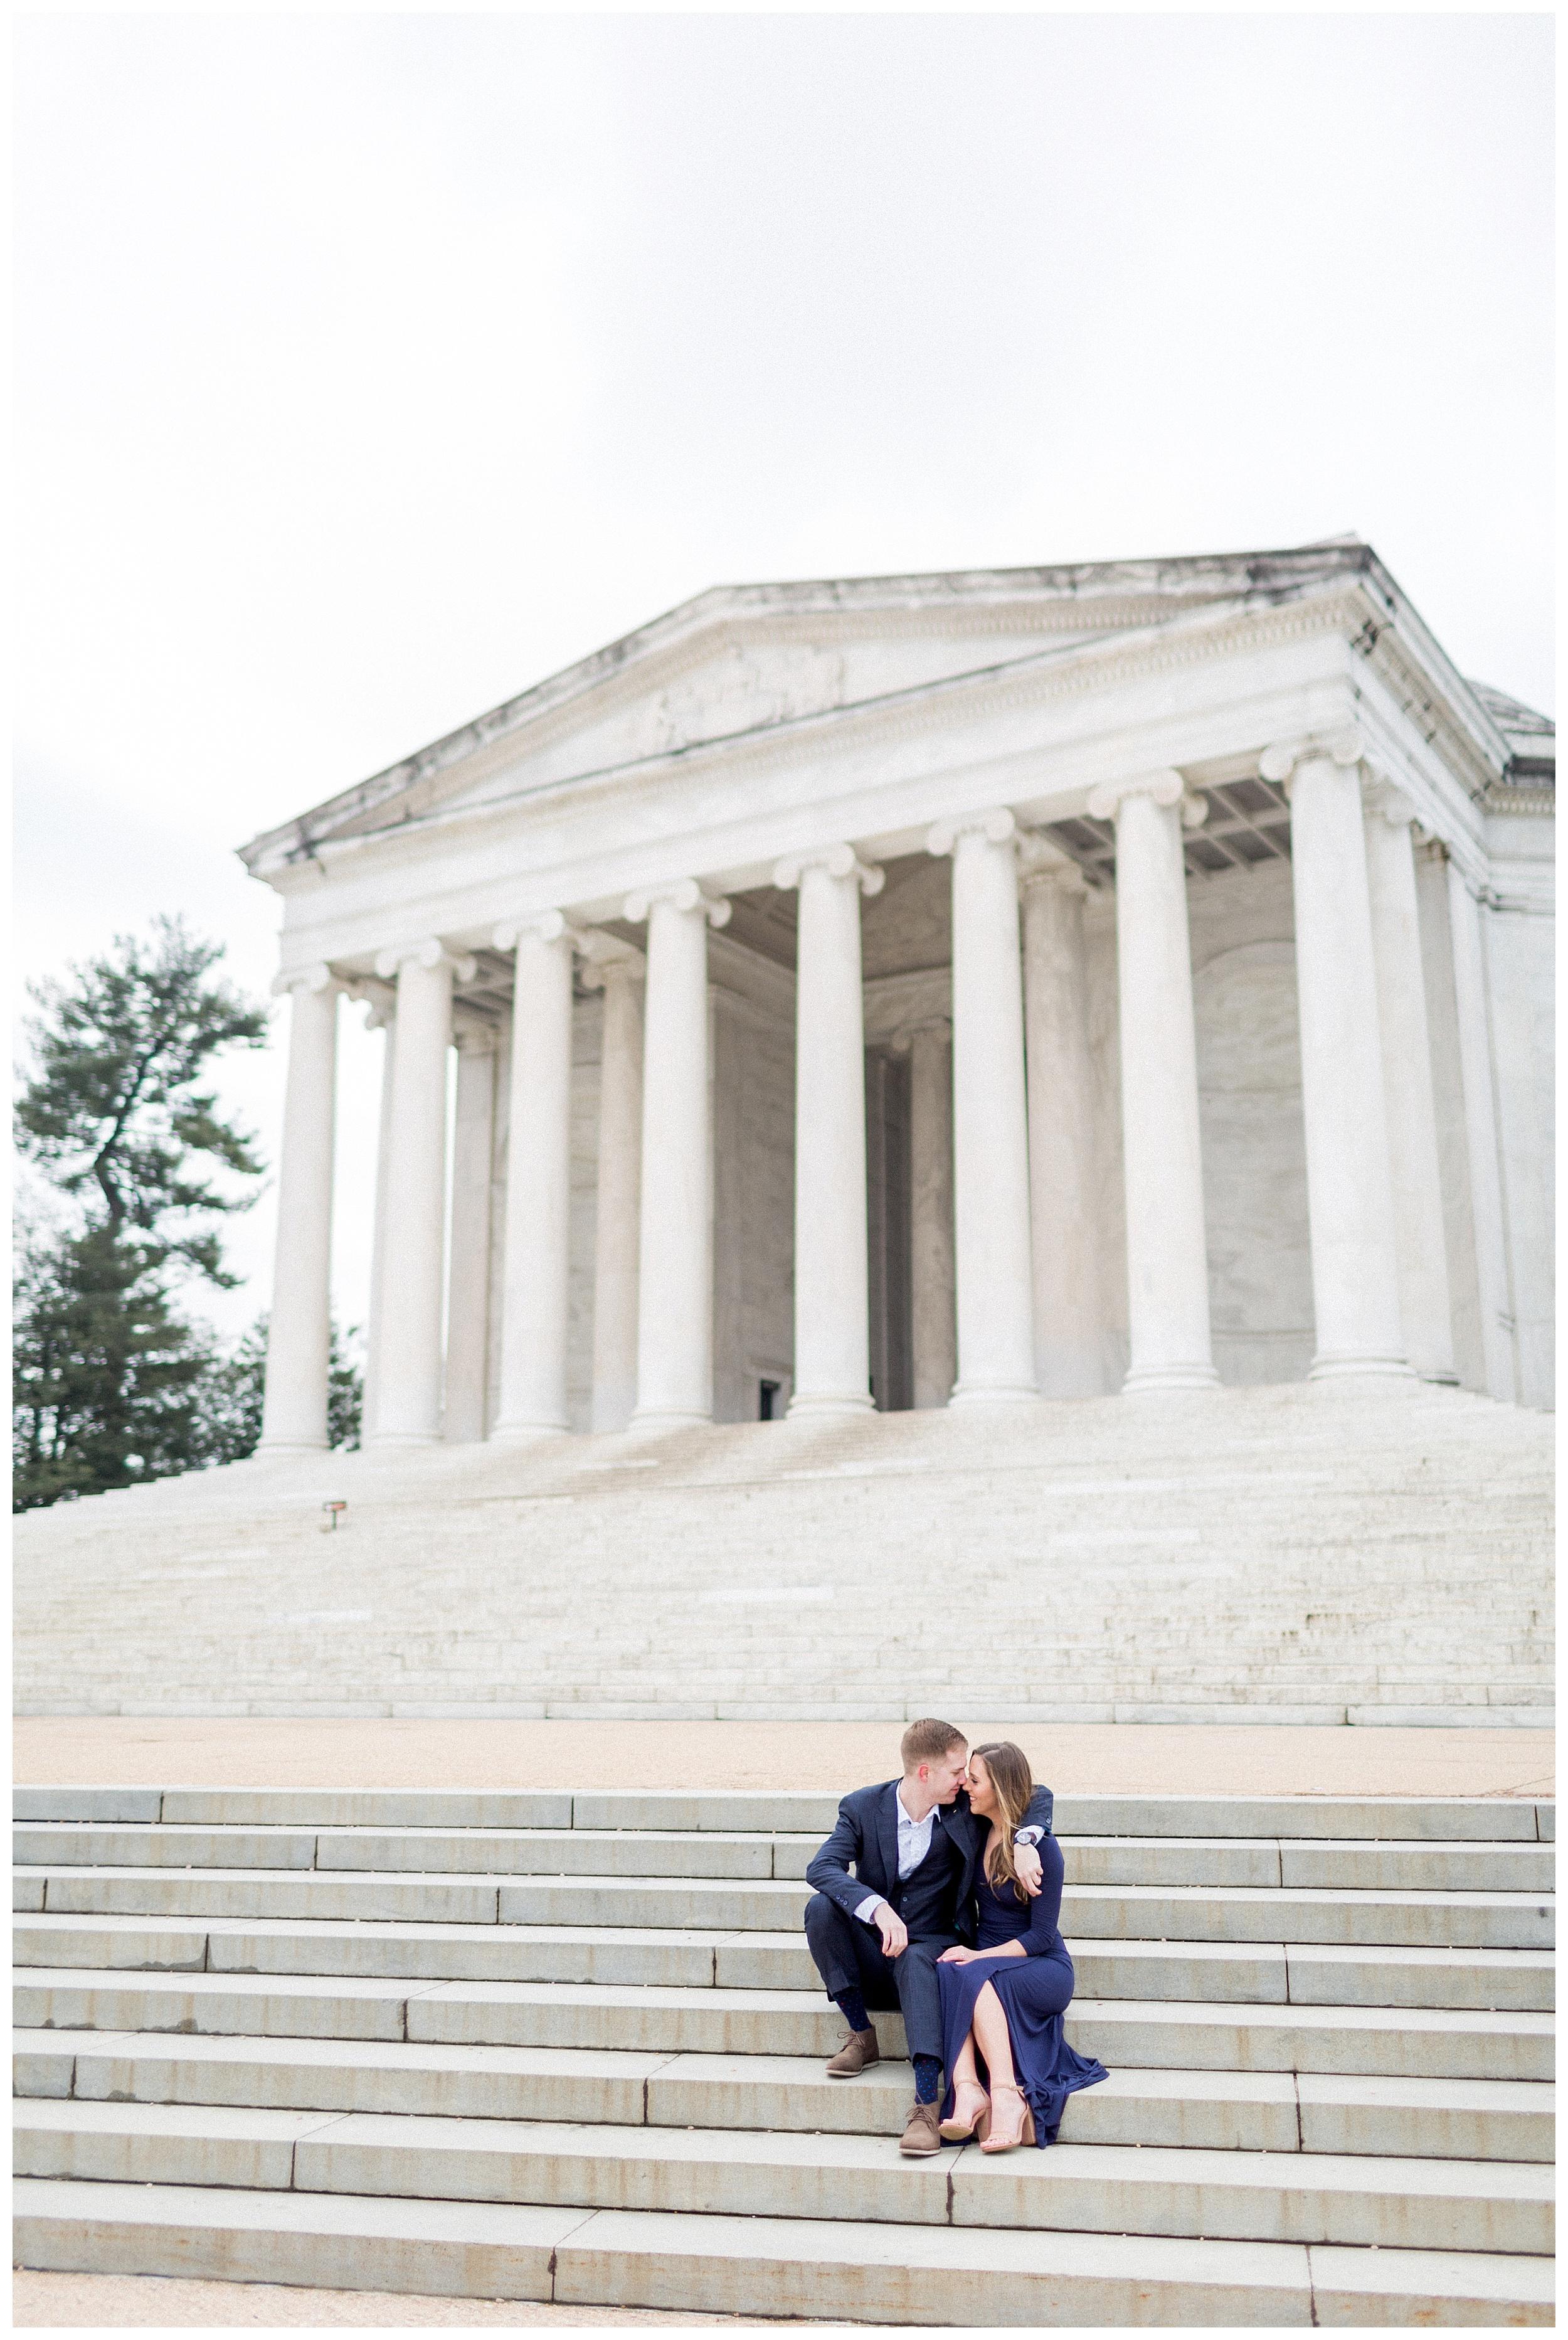 Washingon DC Engagement Photos | Jefferson Memorial Engagement | Kir Tuben_0003.jpg